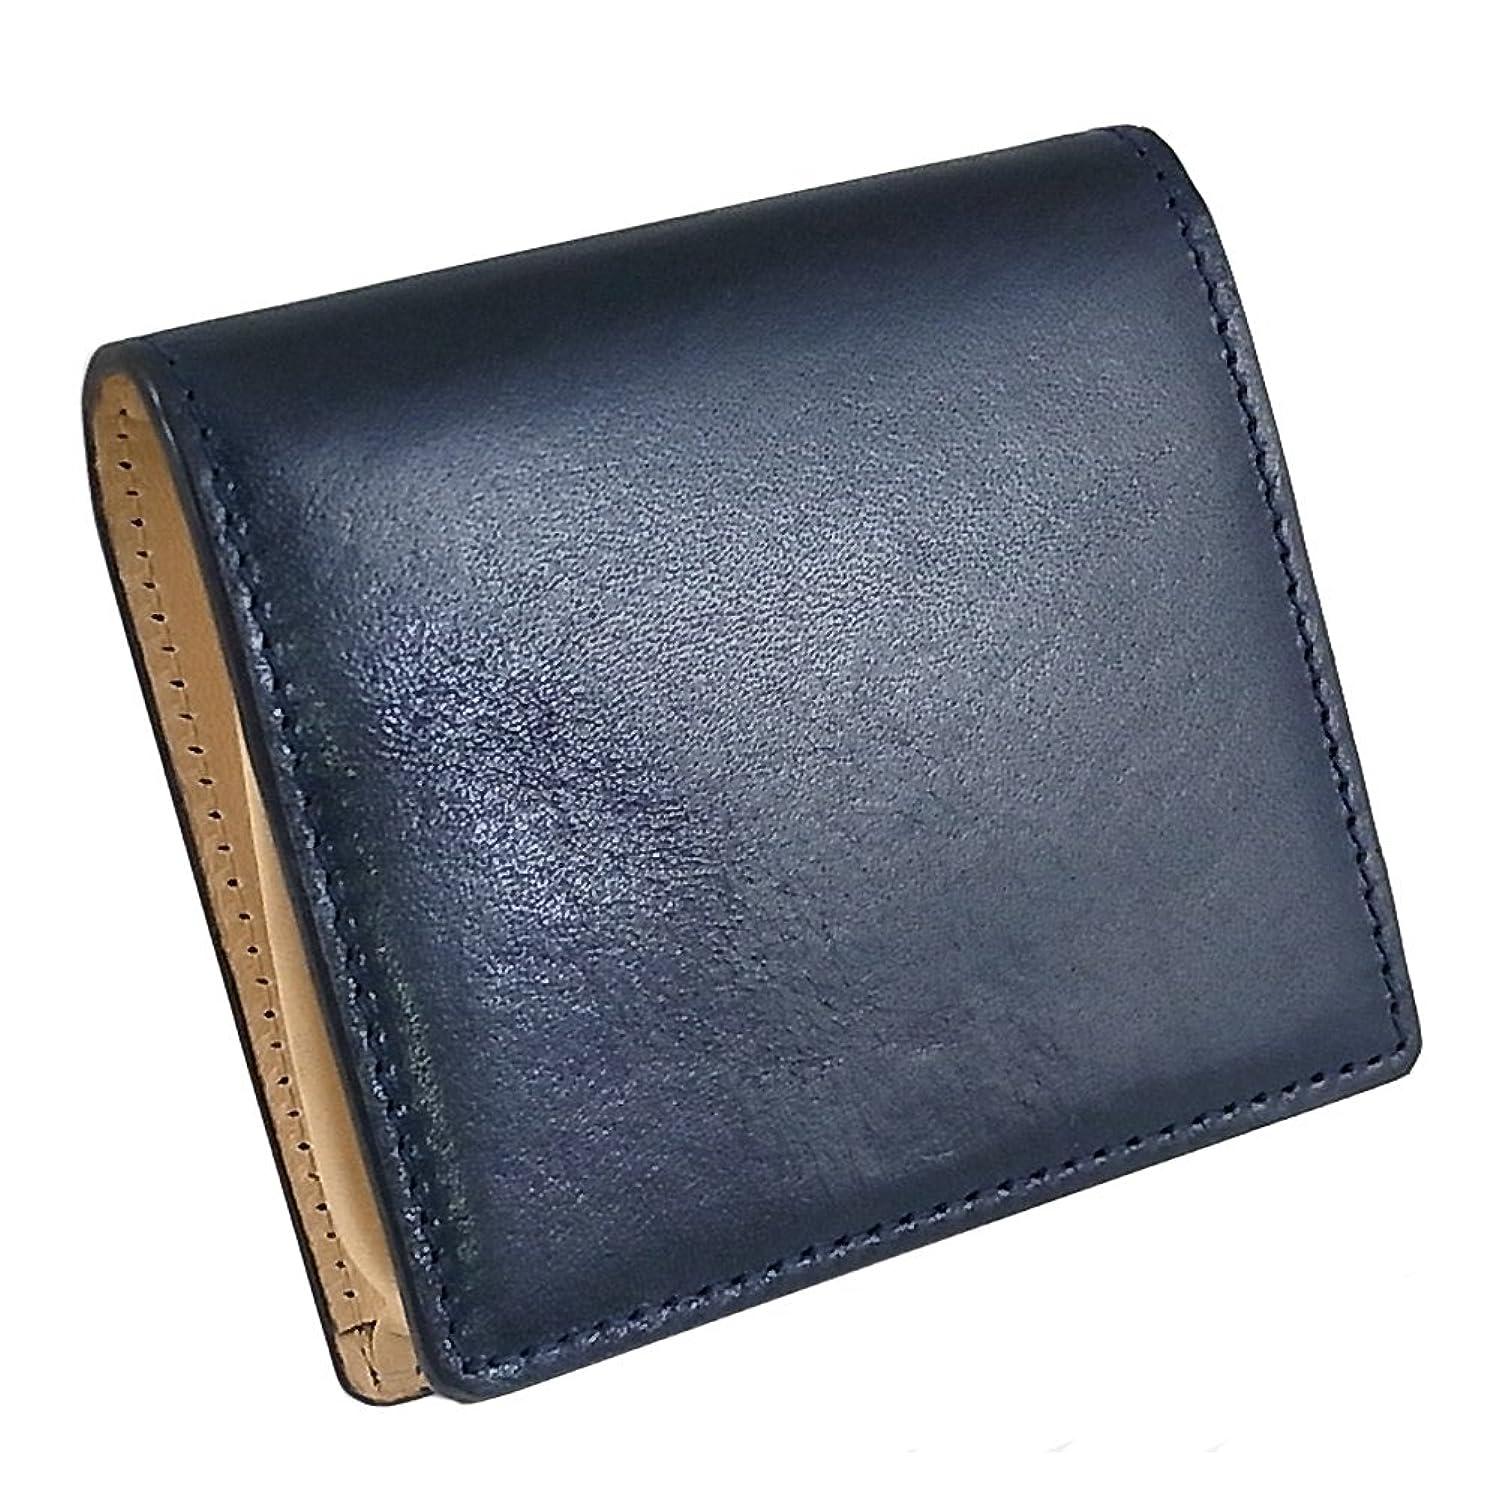 脱獄窒素おびえたブランド[ハービー&ハドソン]HARVIE&HUDSON  メンズ 小銭入れ コインケース 財布 本革 イタリアンレザー プレゼントにも最適 HA-3006 青 ブルー